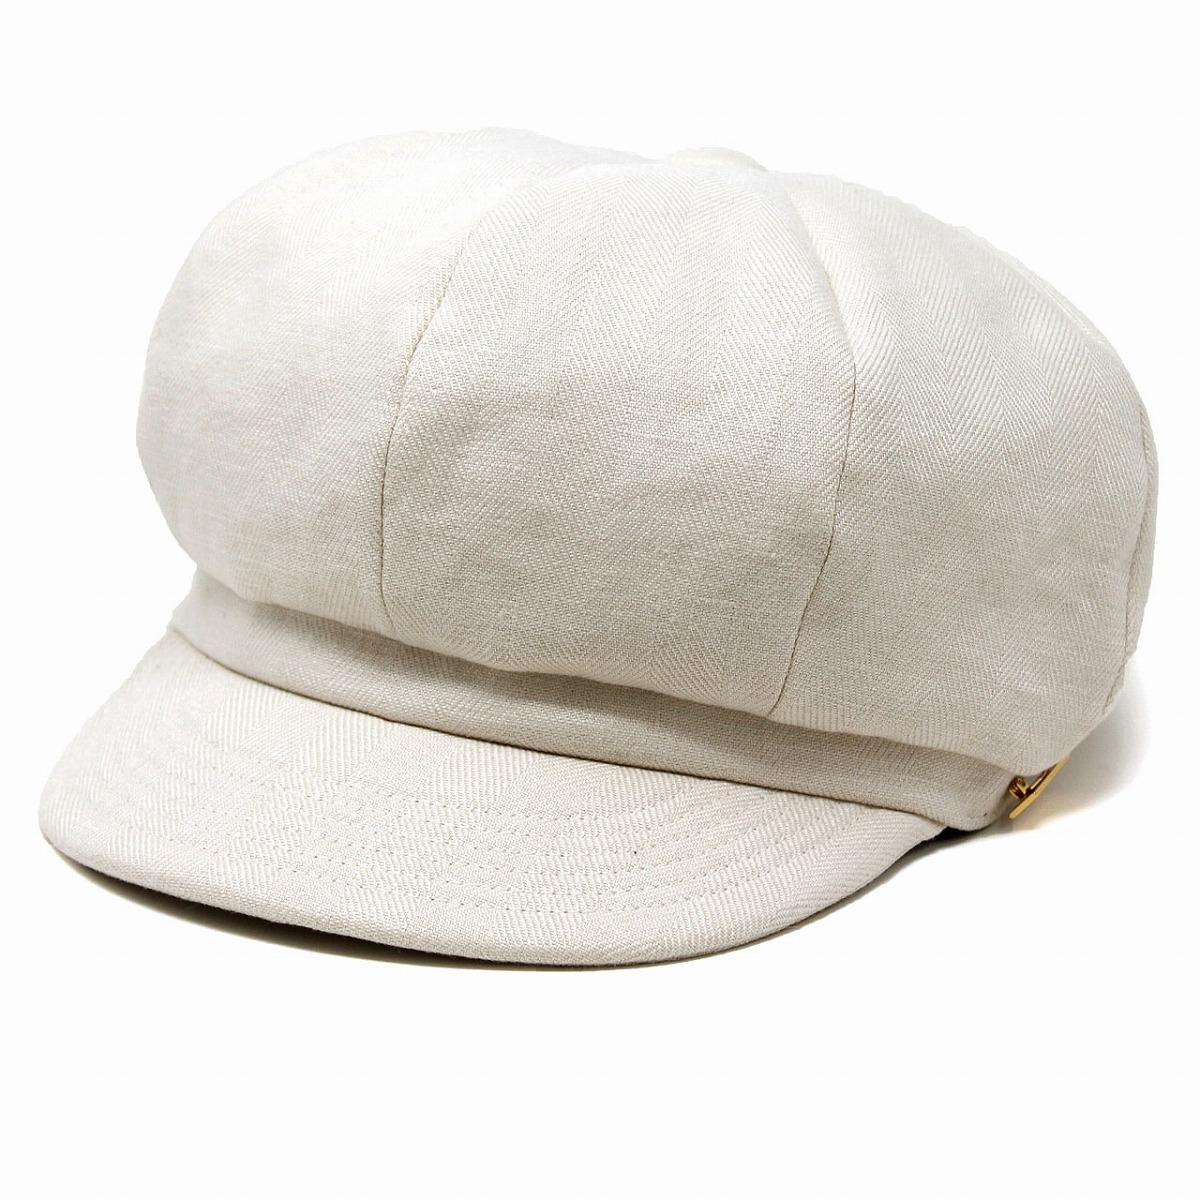 8方パネル キャスケット メンズ メゾン バース リネン 帽子 キャスケット帽 紳士 麻 ふっくらシルエット キャス MAISON Birth cas シンプル 無地 フリーサイズ / 白 オフホワイト [ newsboy cap ]